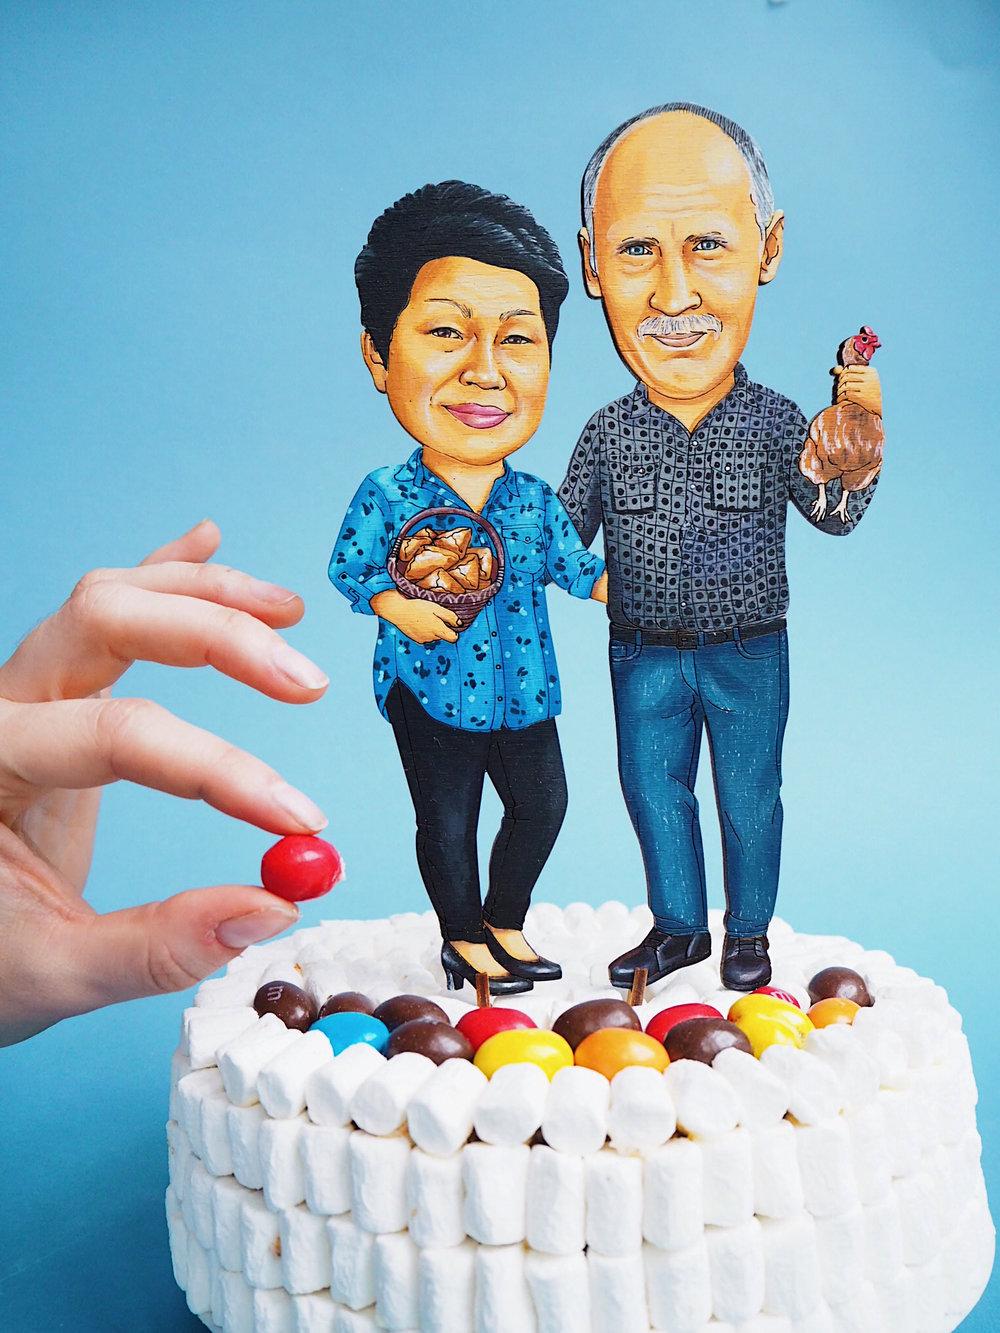 Топперы в торт - А еще мы делаем крутые фигурки в торт. Реалистичные, легкие и смешные! Украсьте им свадебный торт или торт на день рождения, а после - используйте как магнит.